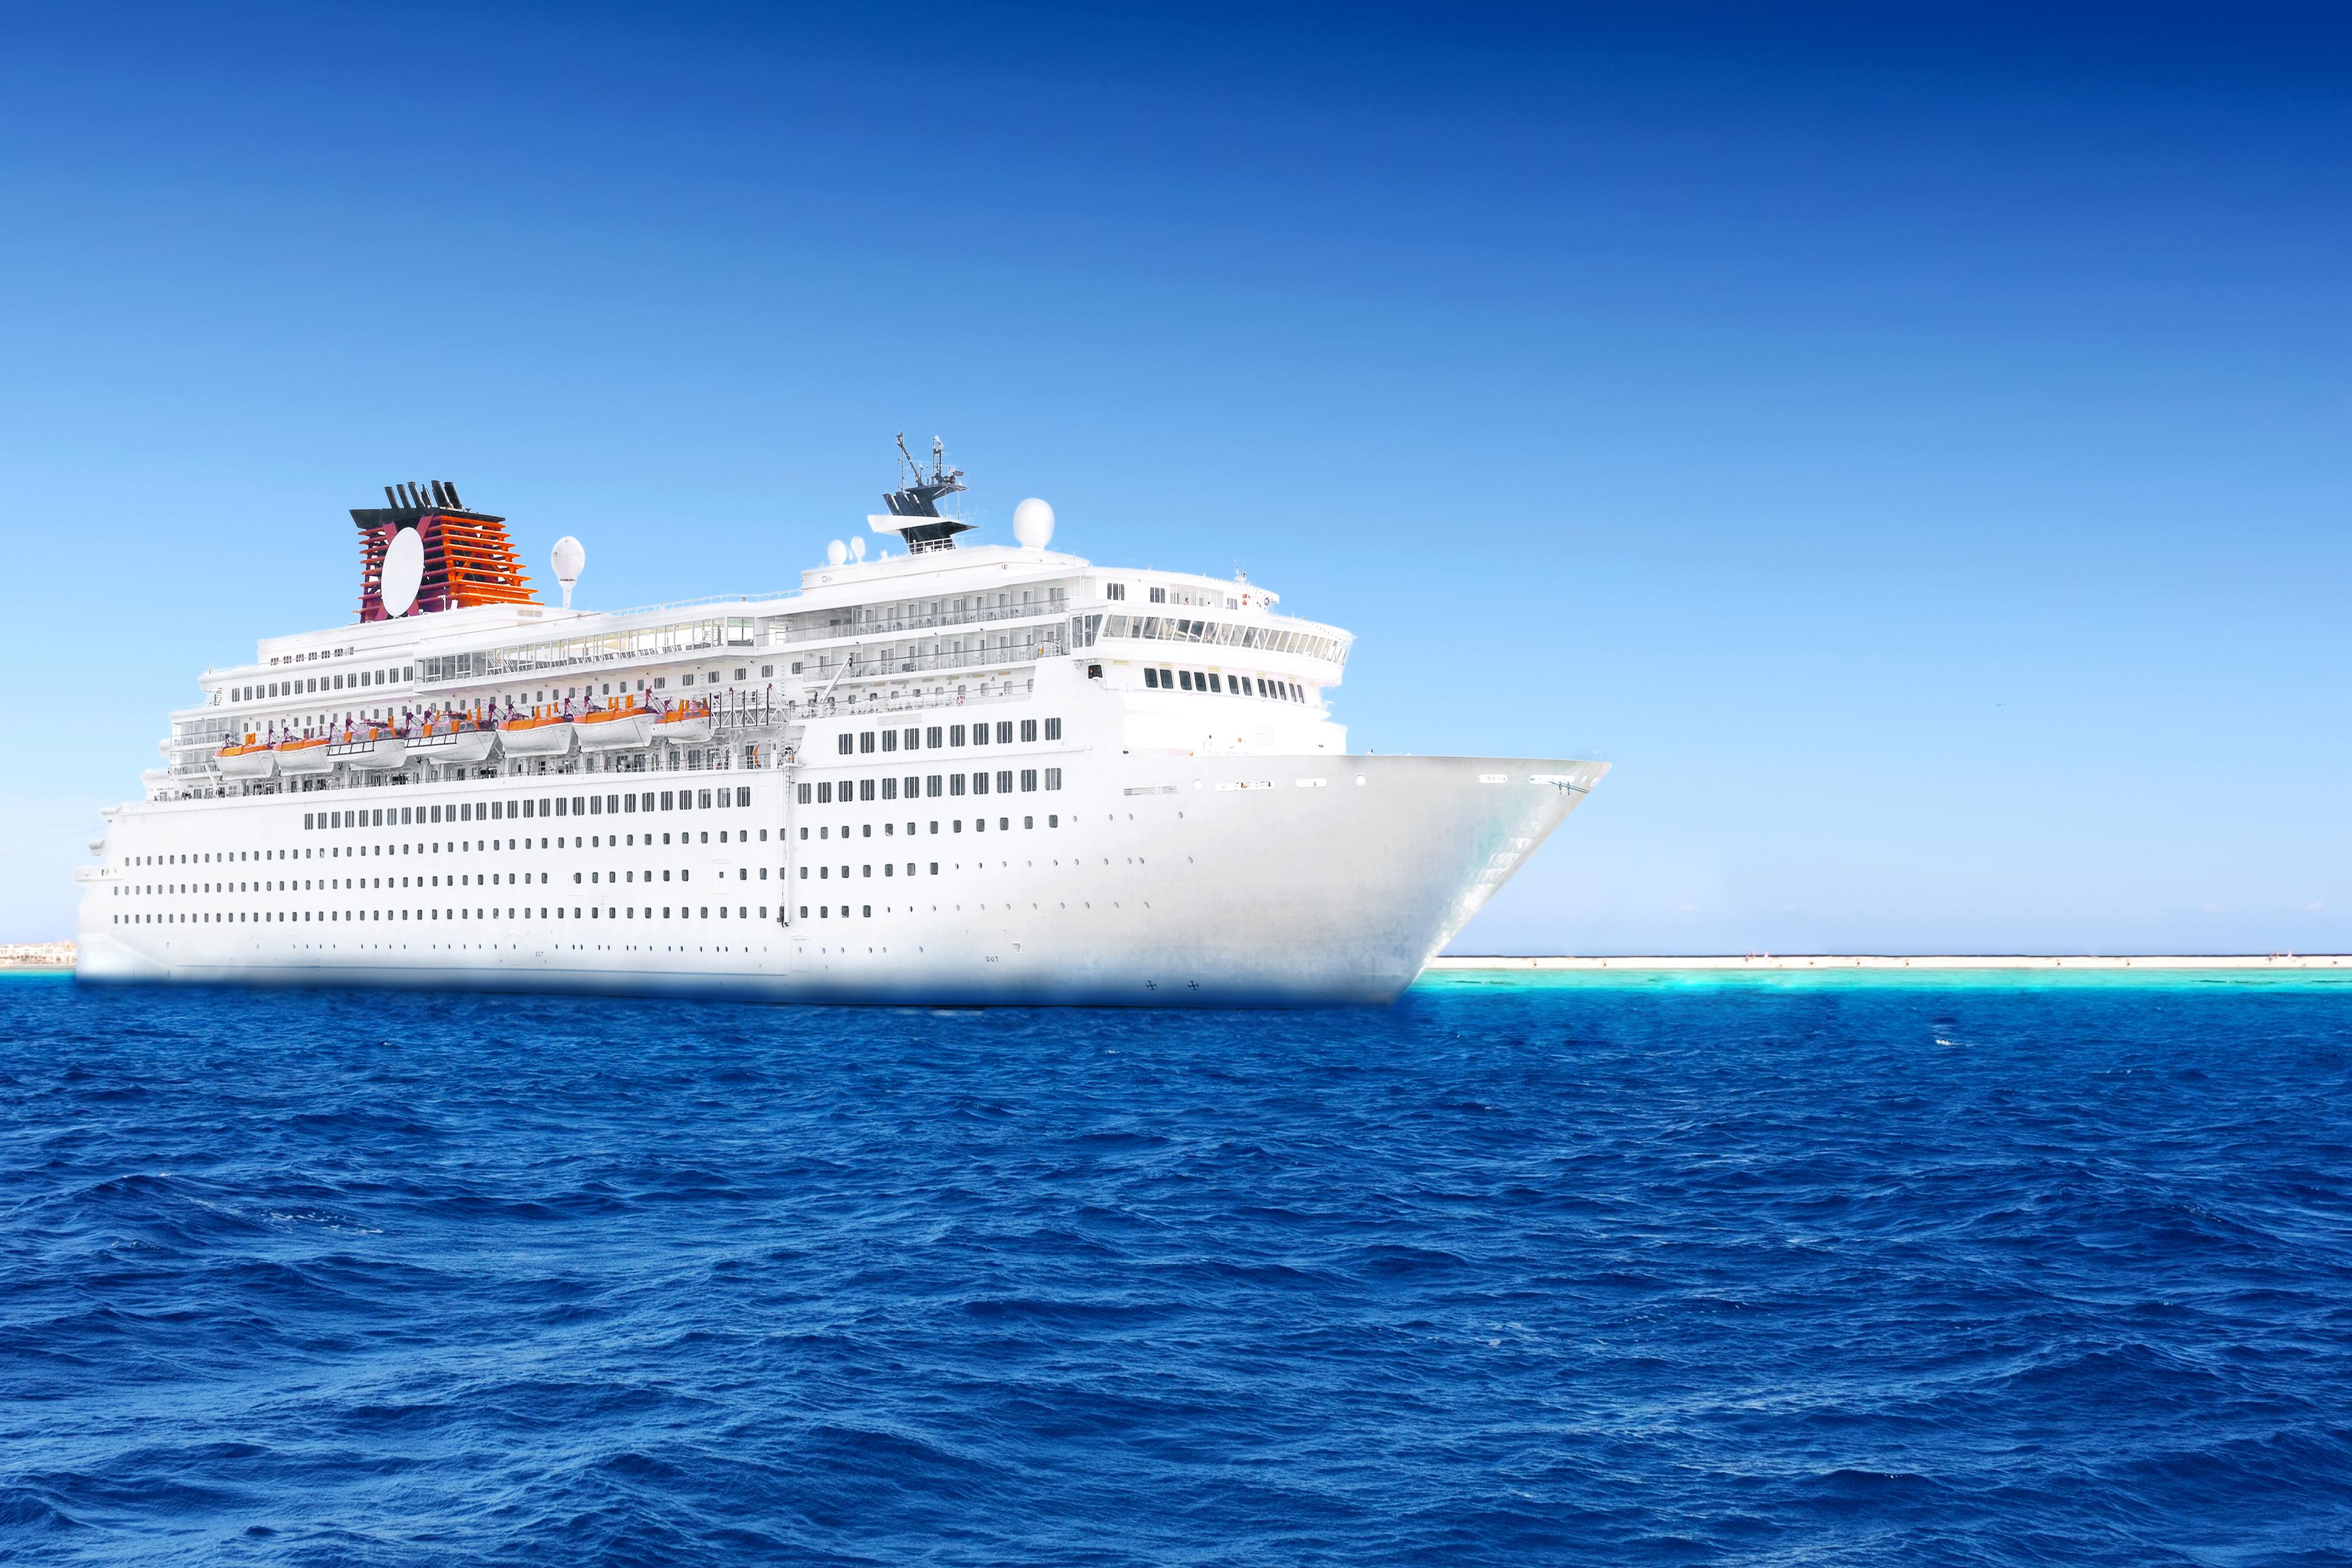 A cruise ship at sail.